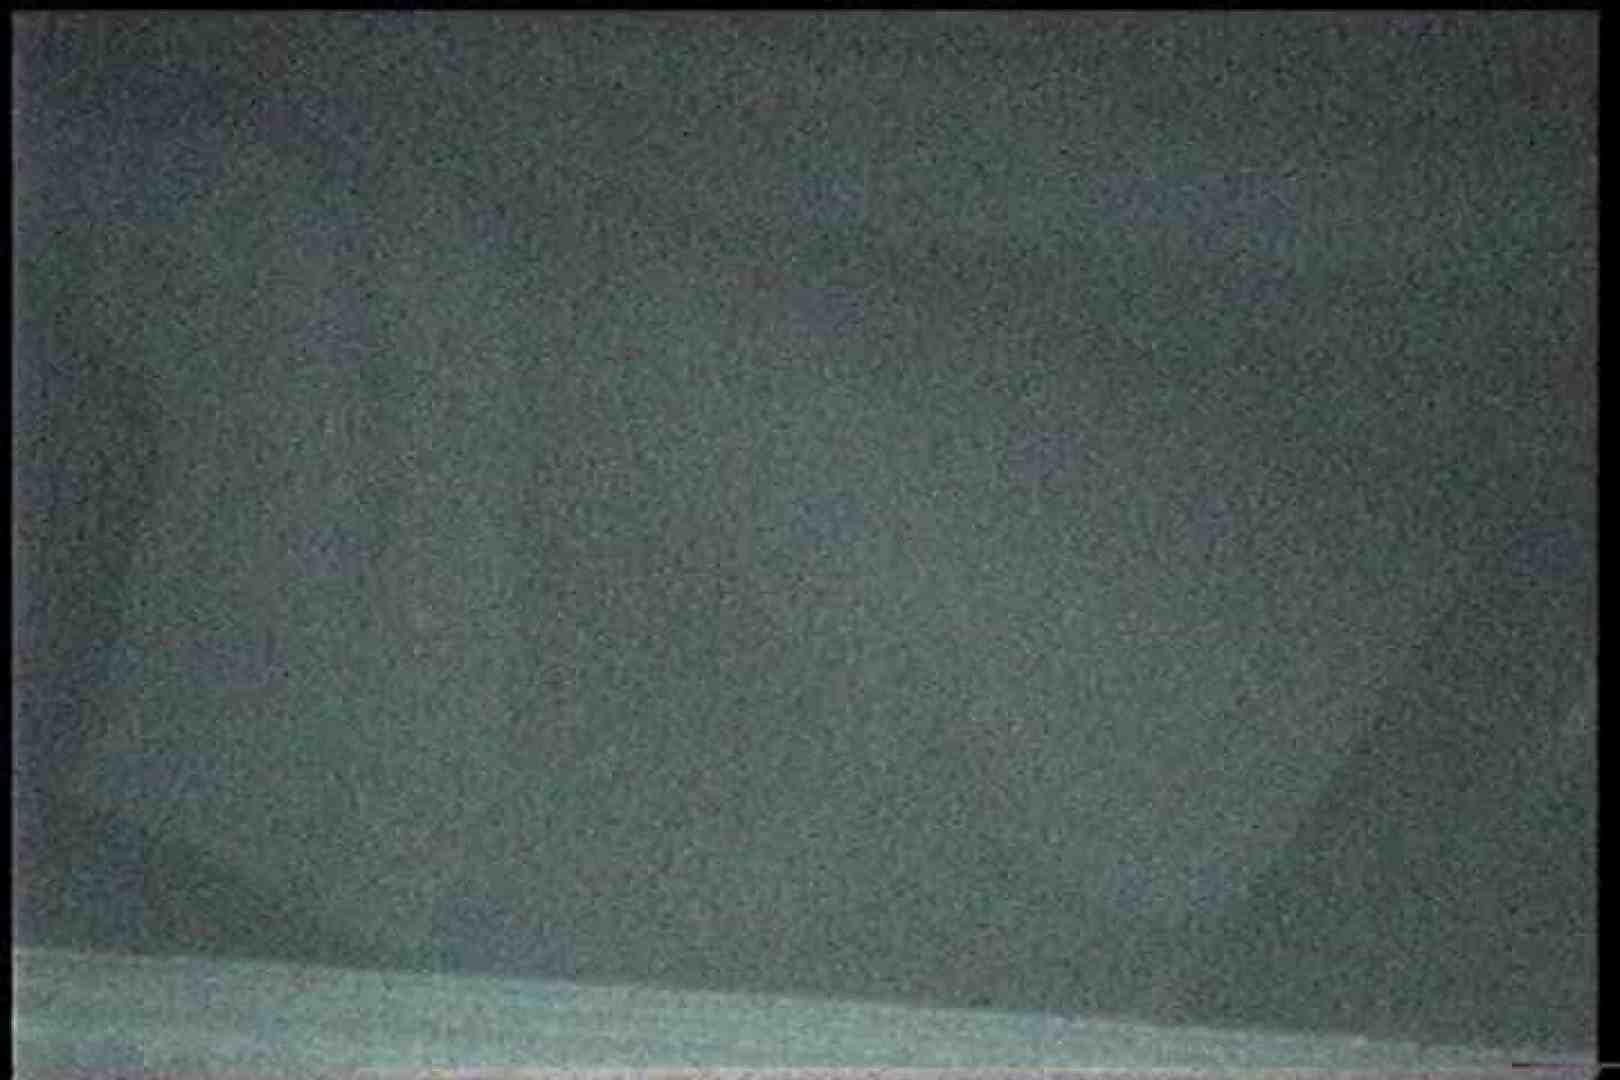 充血監督の深夜の運動会Vol.203 OLエロ画像  99PICs 12